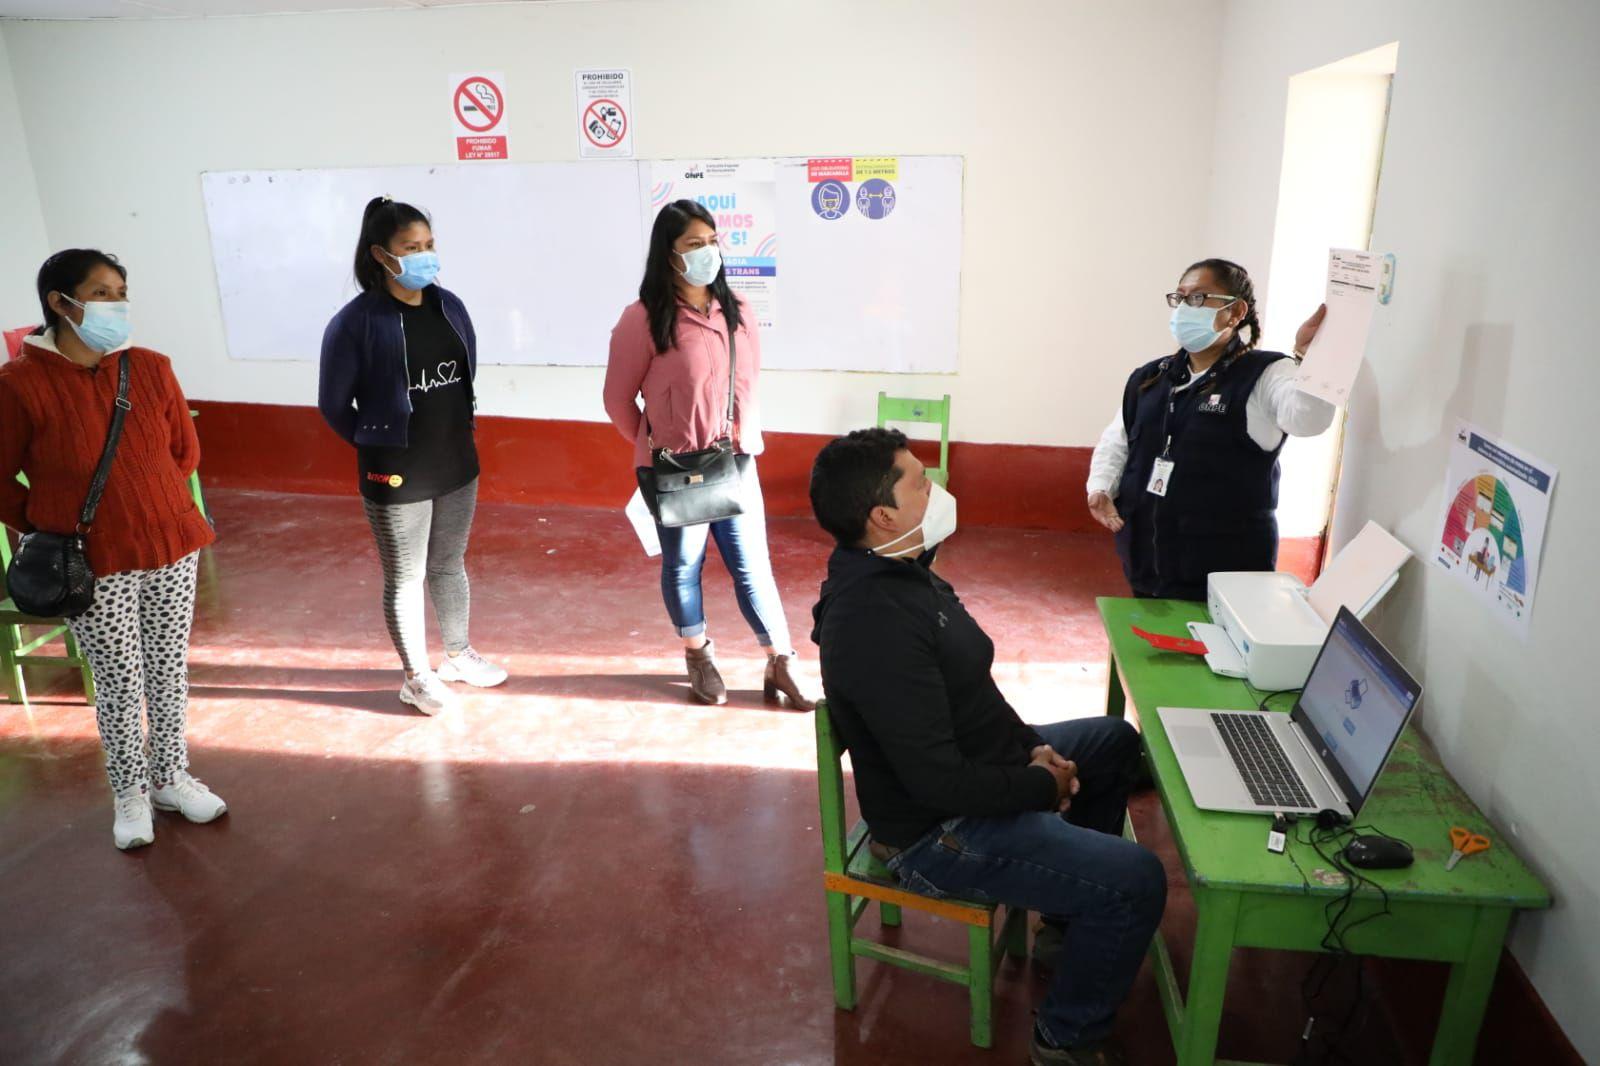 Miembros de mesa de la I.E. 30173 Virgen del Carmen (Huayucachi) registraron ayer los resultados de la consulta de revocatoria en el Sistema de Escrutinio Automatizado (SEA) de la ONPE. (Foto: ONPE)